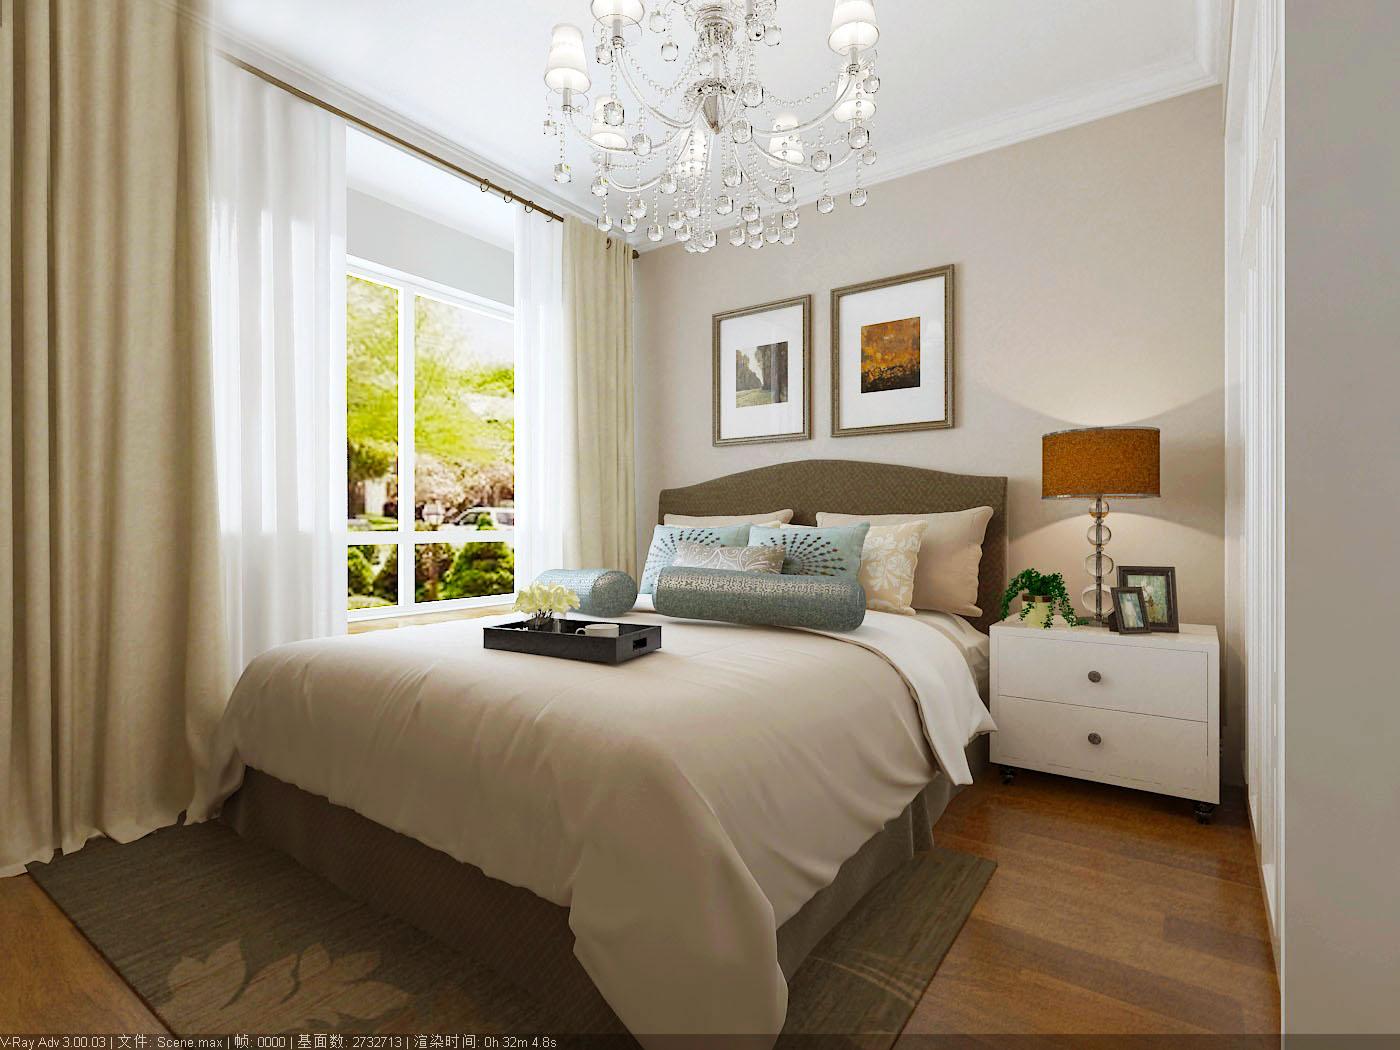 美式家居的卧室布置较为温馨,作为主人的私密空间,主要以功能性和实用舒适为考虑的重点,一般的卧室不设顶灯,多用温馨柔软的成套布艺来装点,同时在软装和用色上非常统一。现代美式多用非炫目灯光,且尽量做到只见光不见灯的效果.